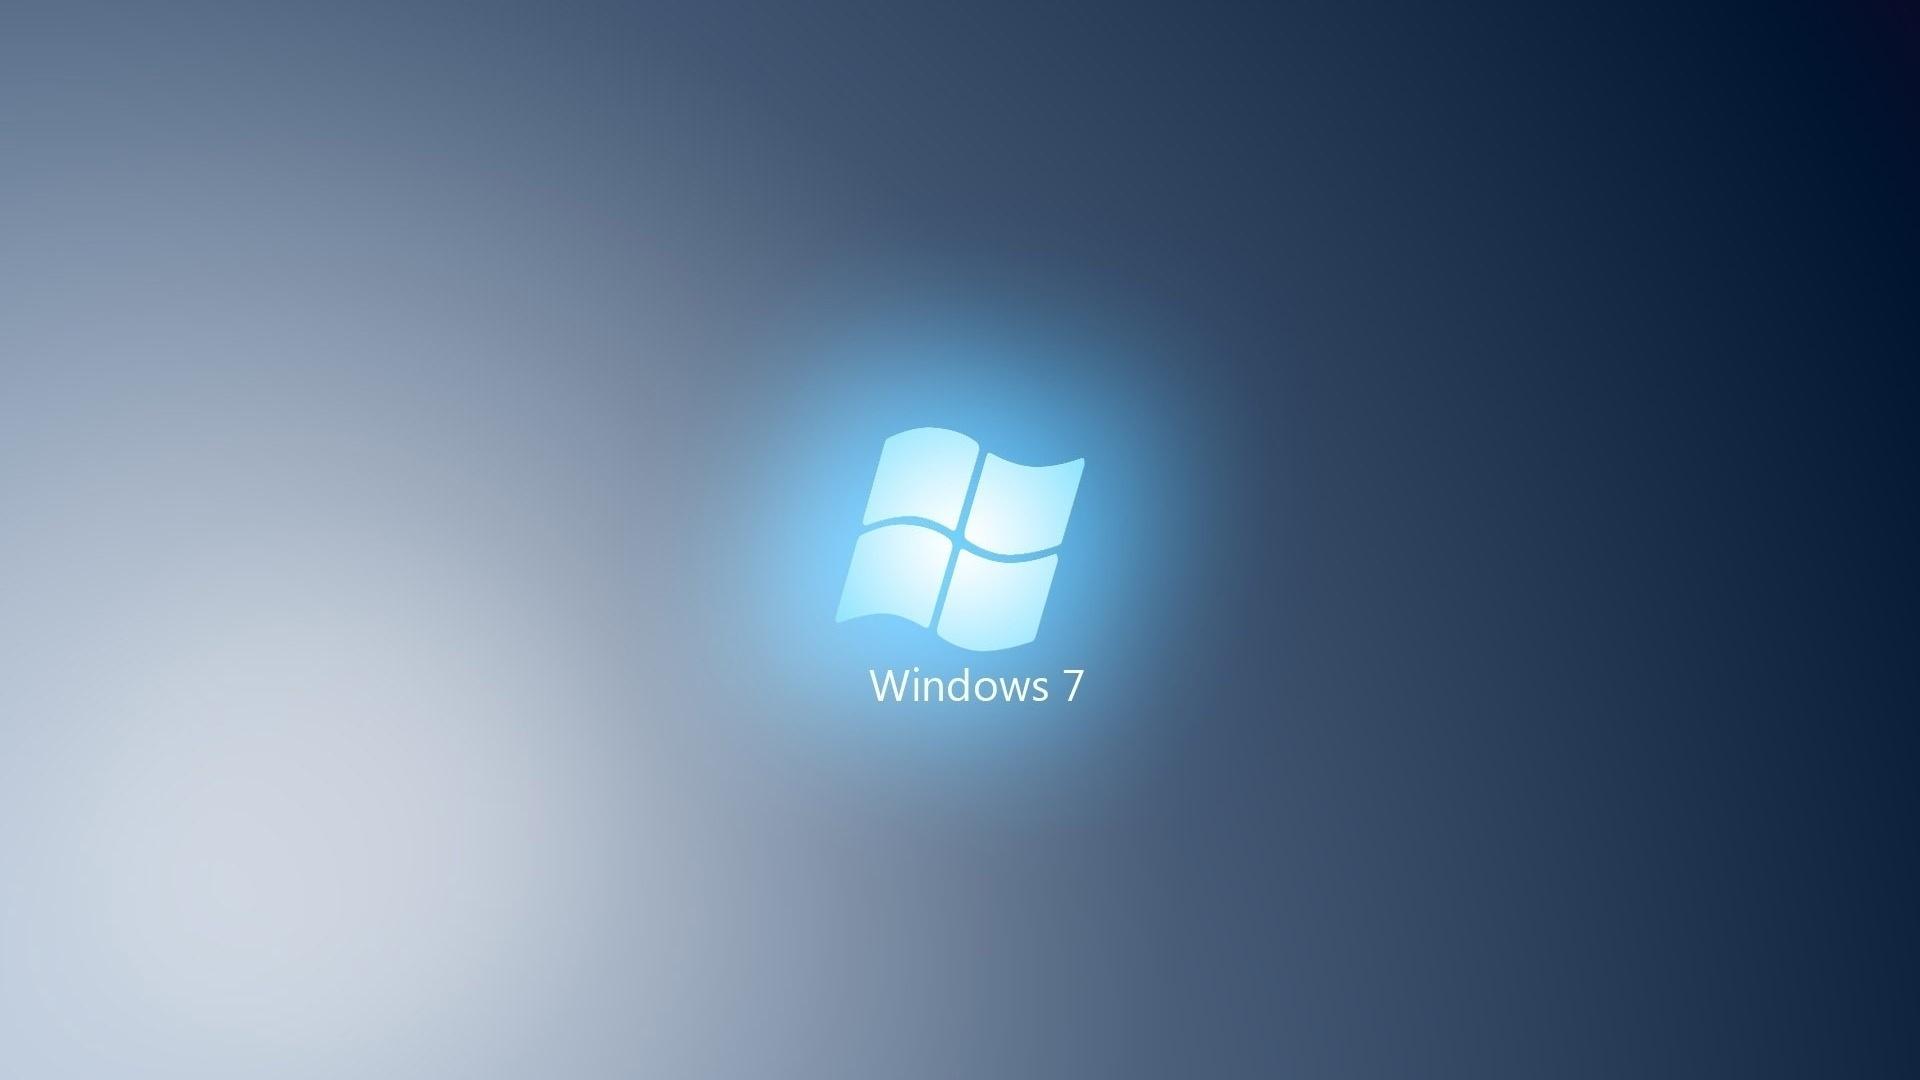 白 テキスト ロゴ 青 サークル ブランド シアン Windows 7 光 スクリーンショット コンピュータの壁紙 フォント